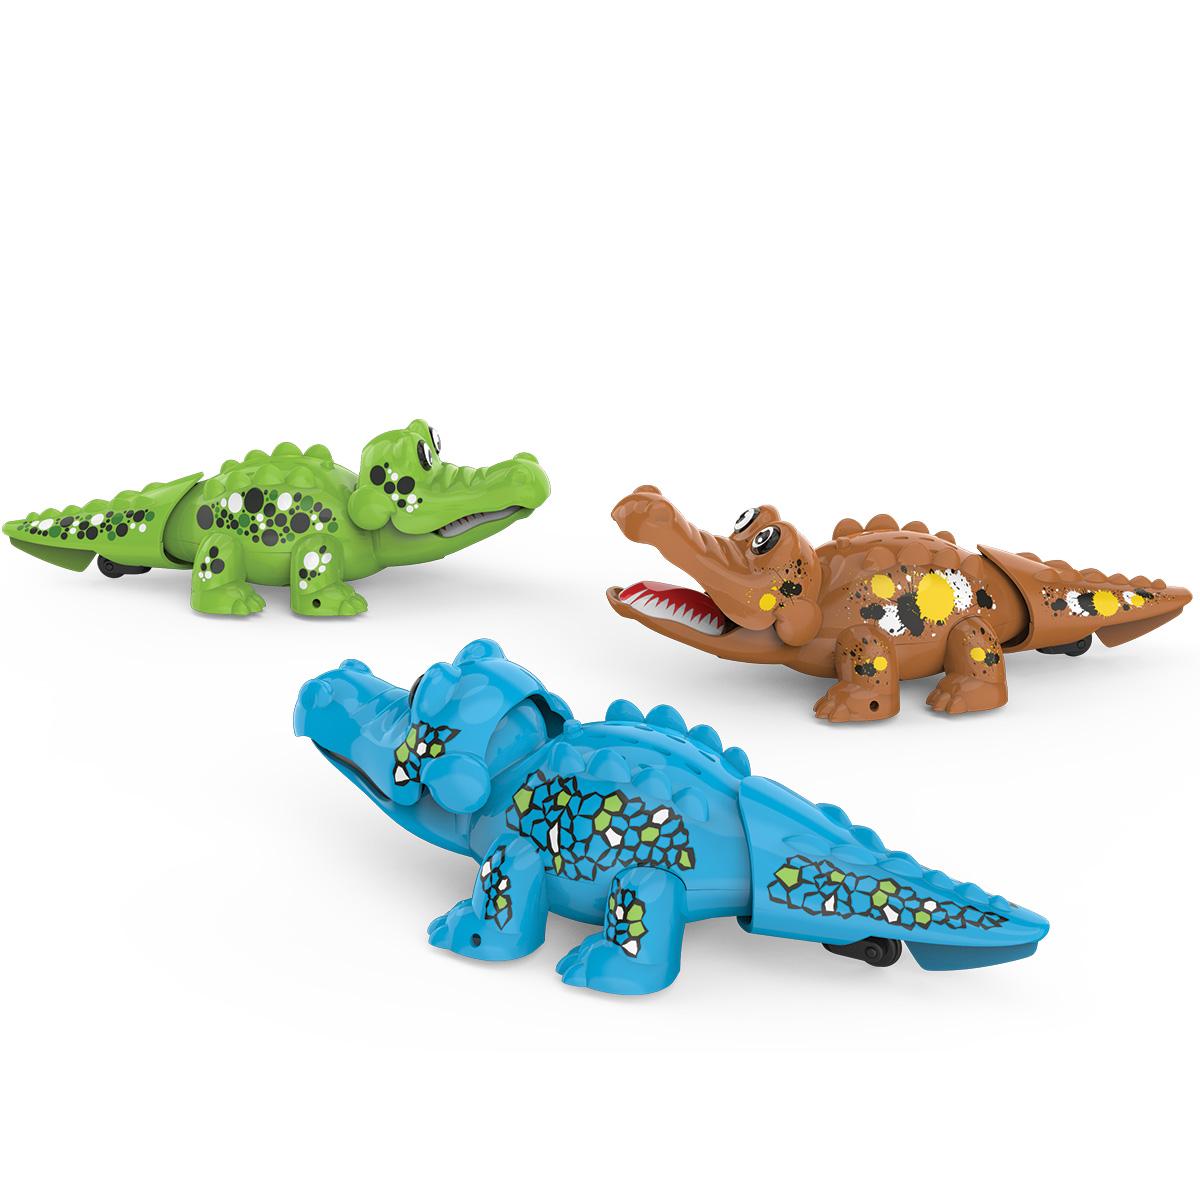 Аква крокодильчикИнтерактивные игрушки для ванны<br>Аква крокодильчик<br>